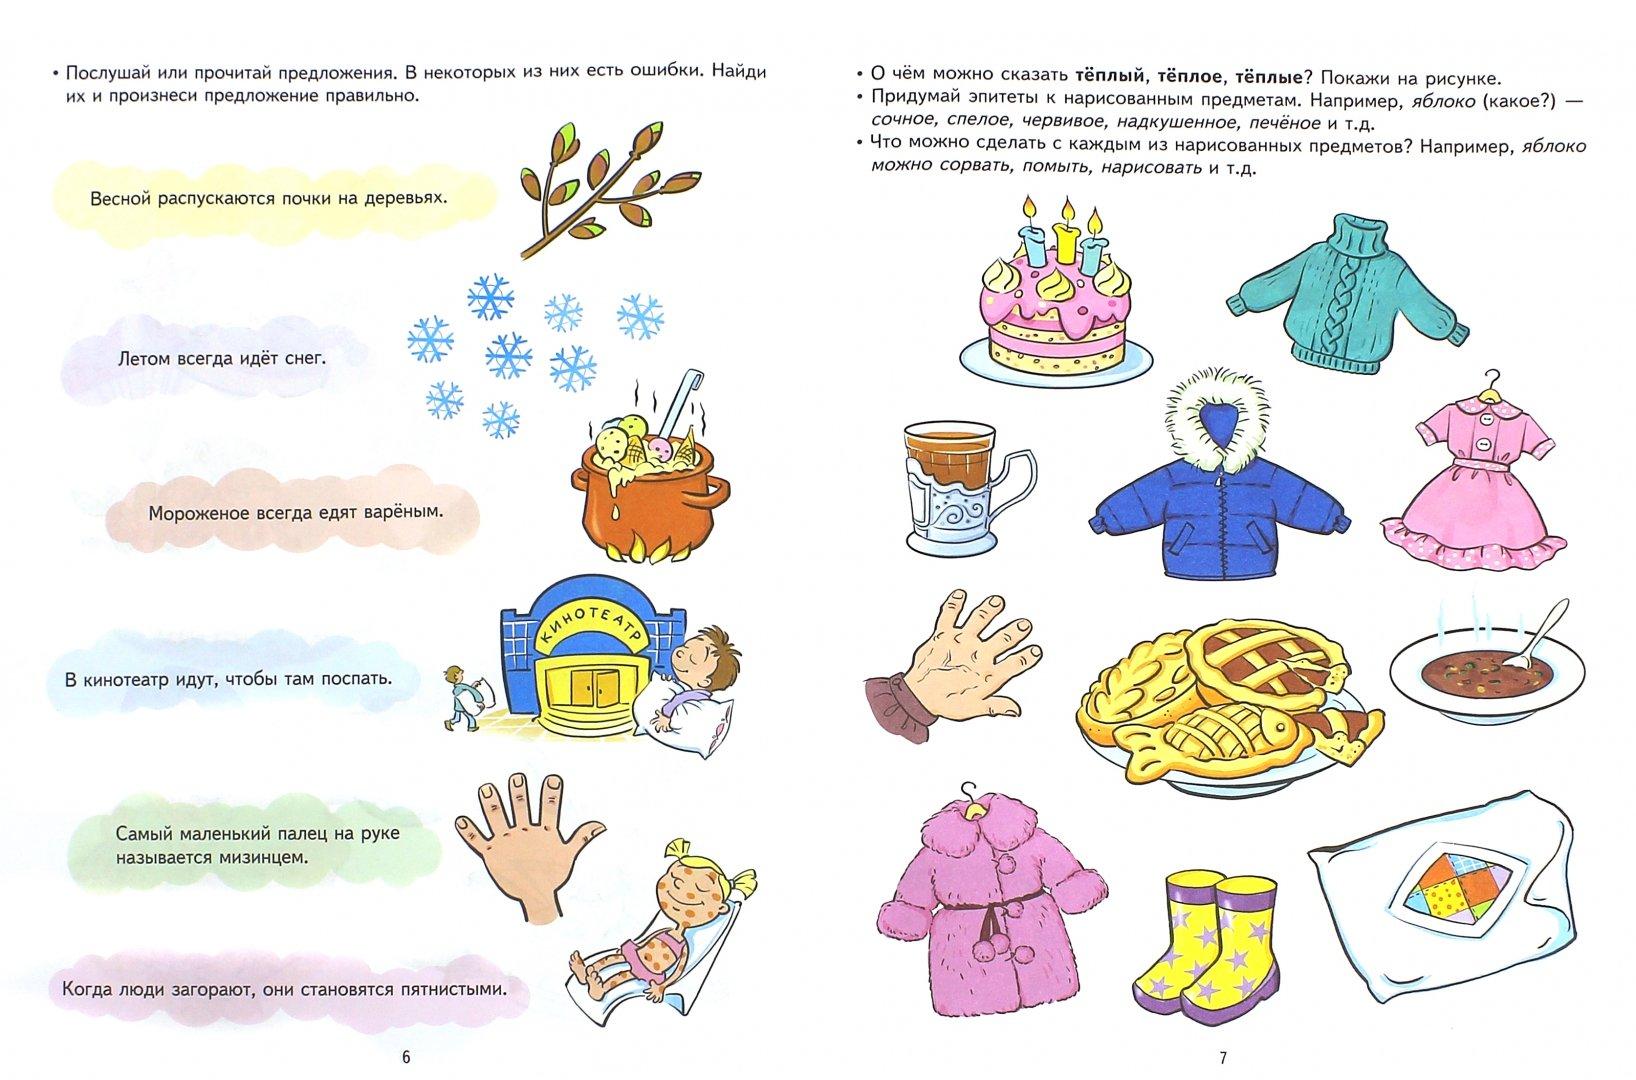 Надписями, игры в картинках для детей 5-6 лет